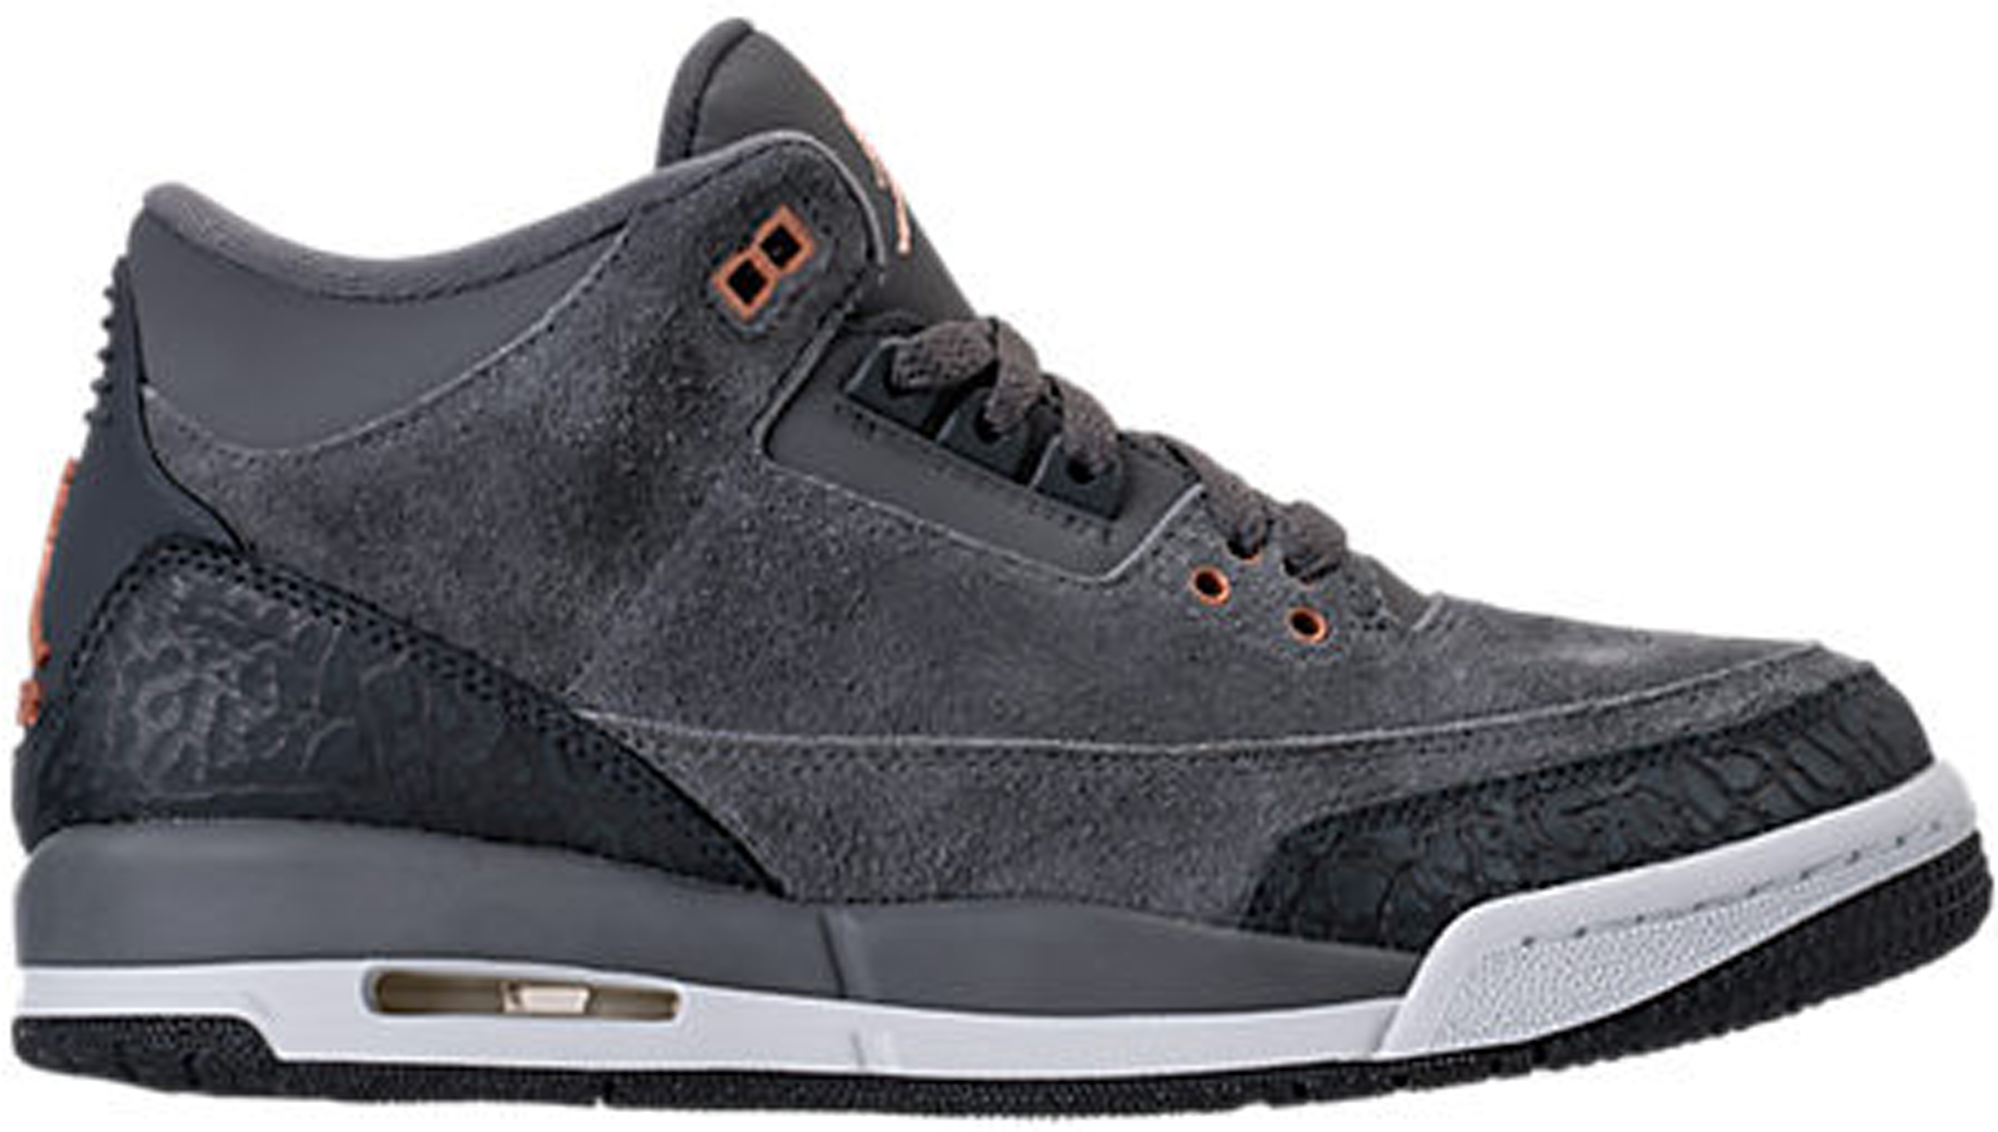 Jordan 3 Retro Anthracite (GS)